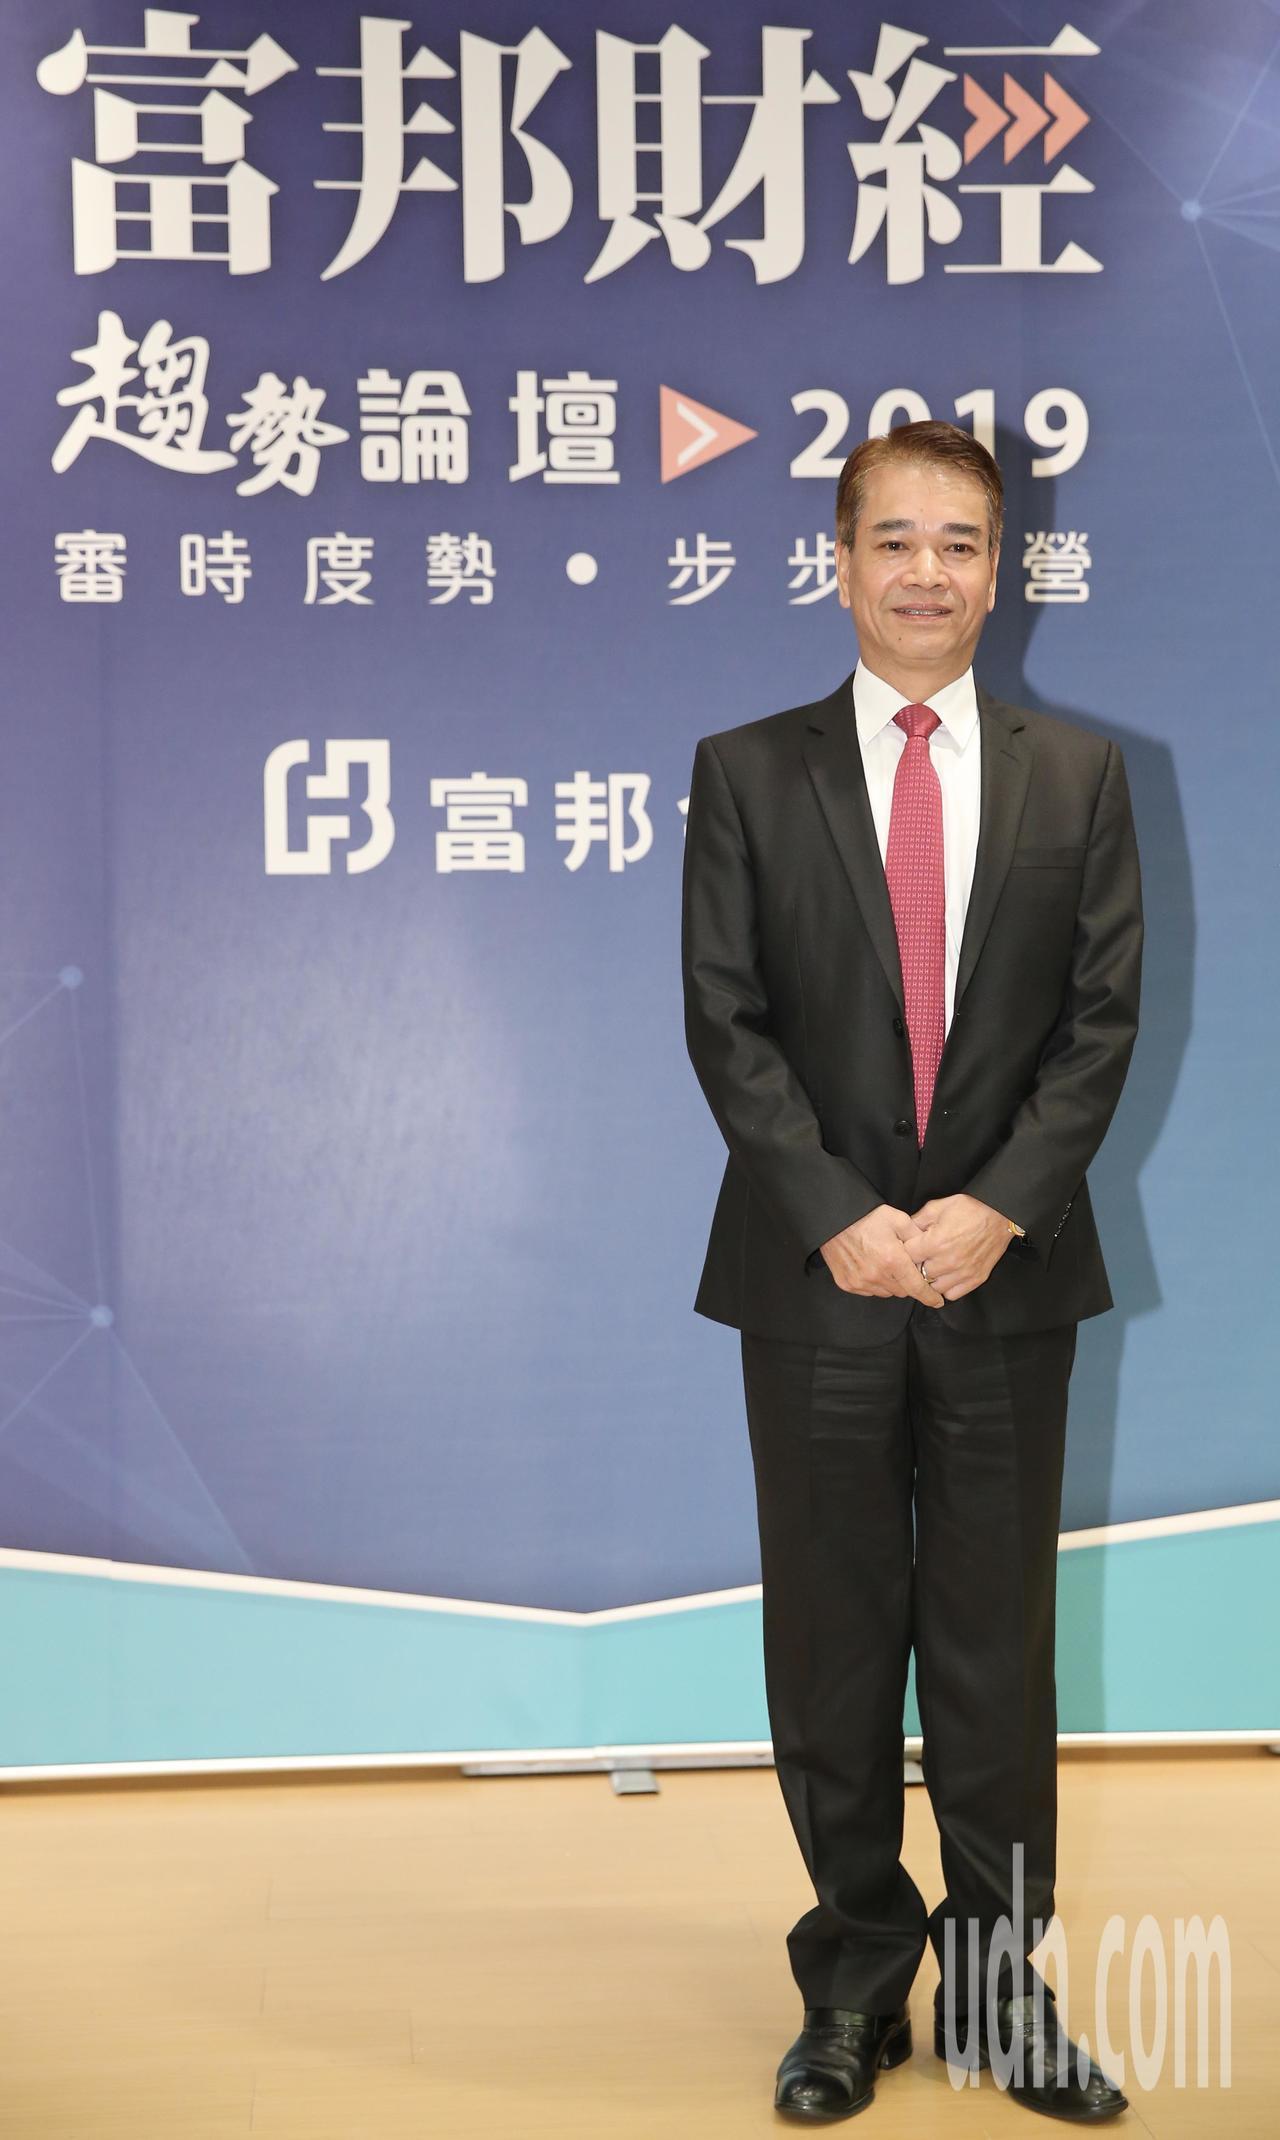 富邦投顧董事長蕭乾祥針對2019經濟趨勢進行局勢變化解析。記者許正宏/攝影